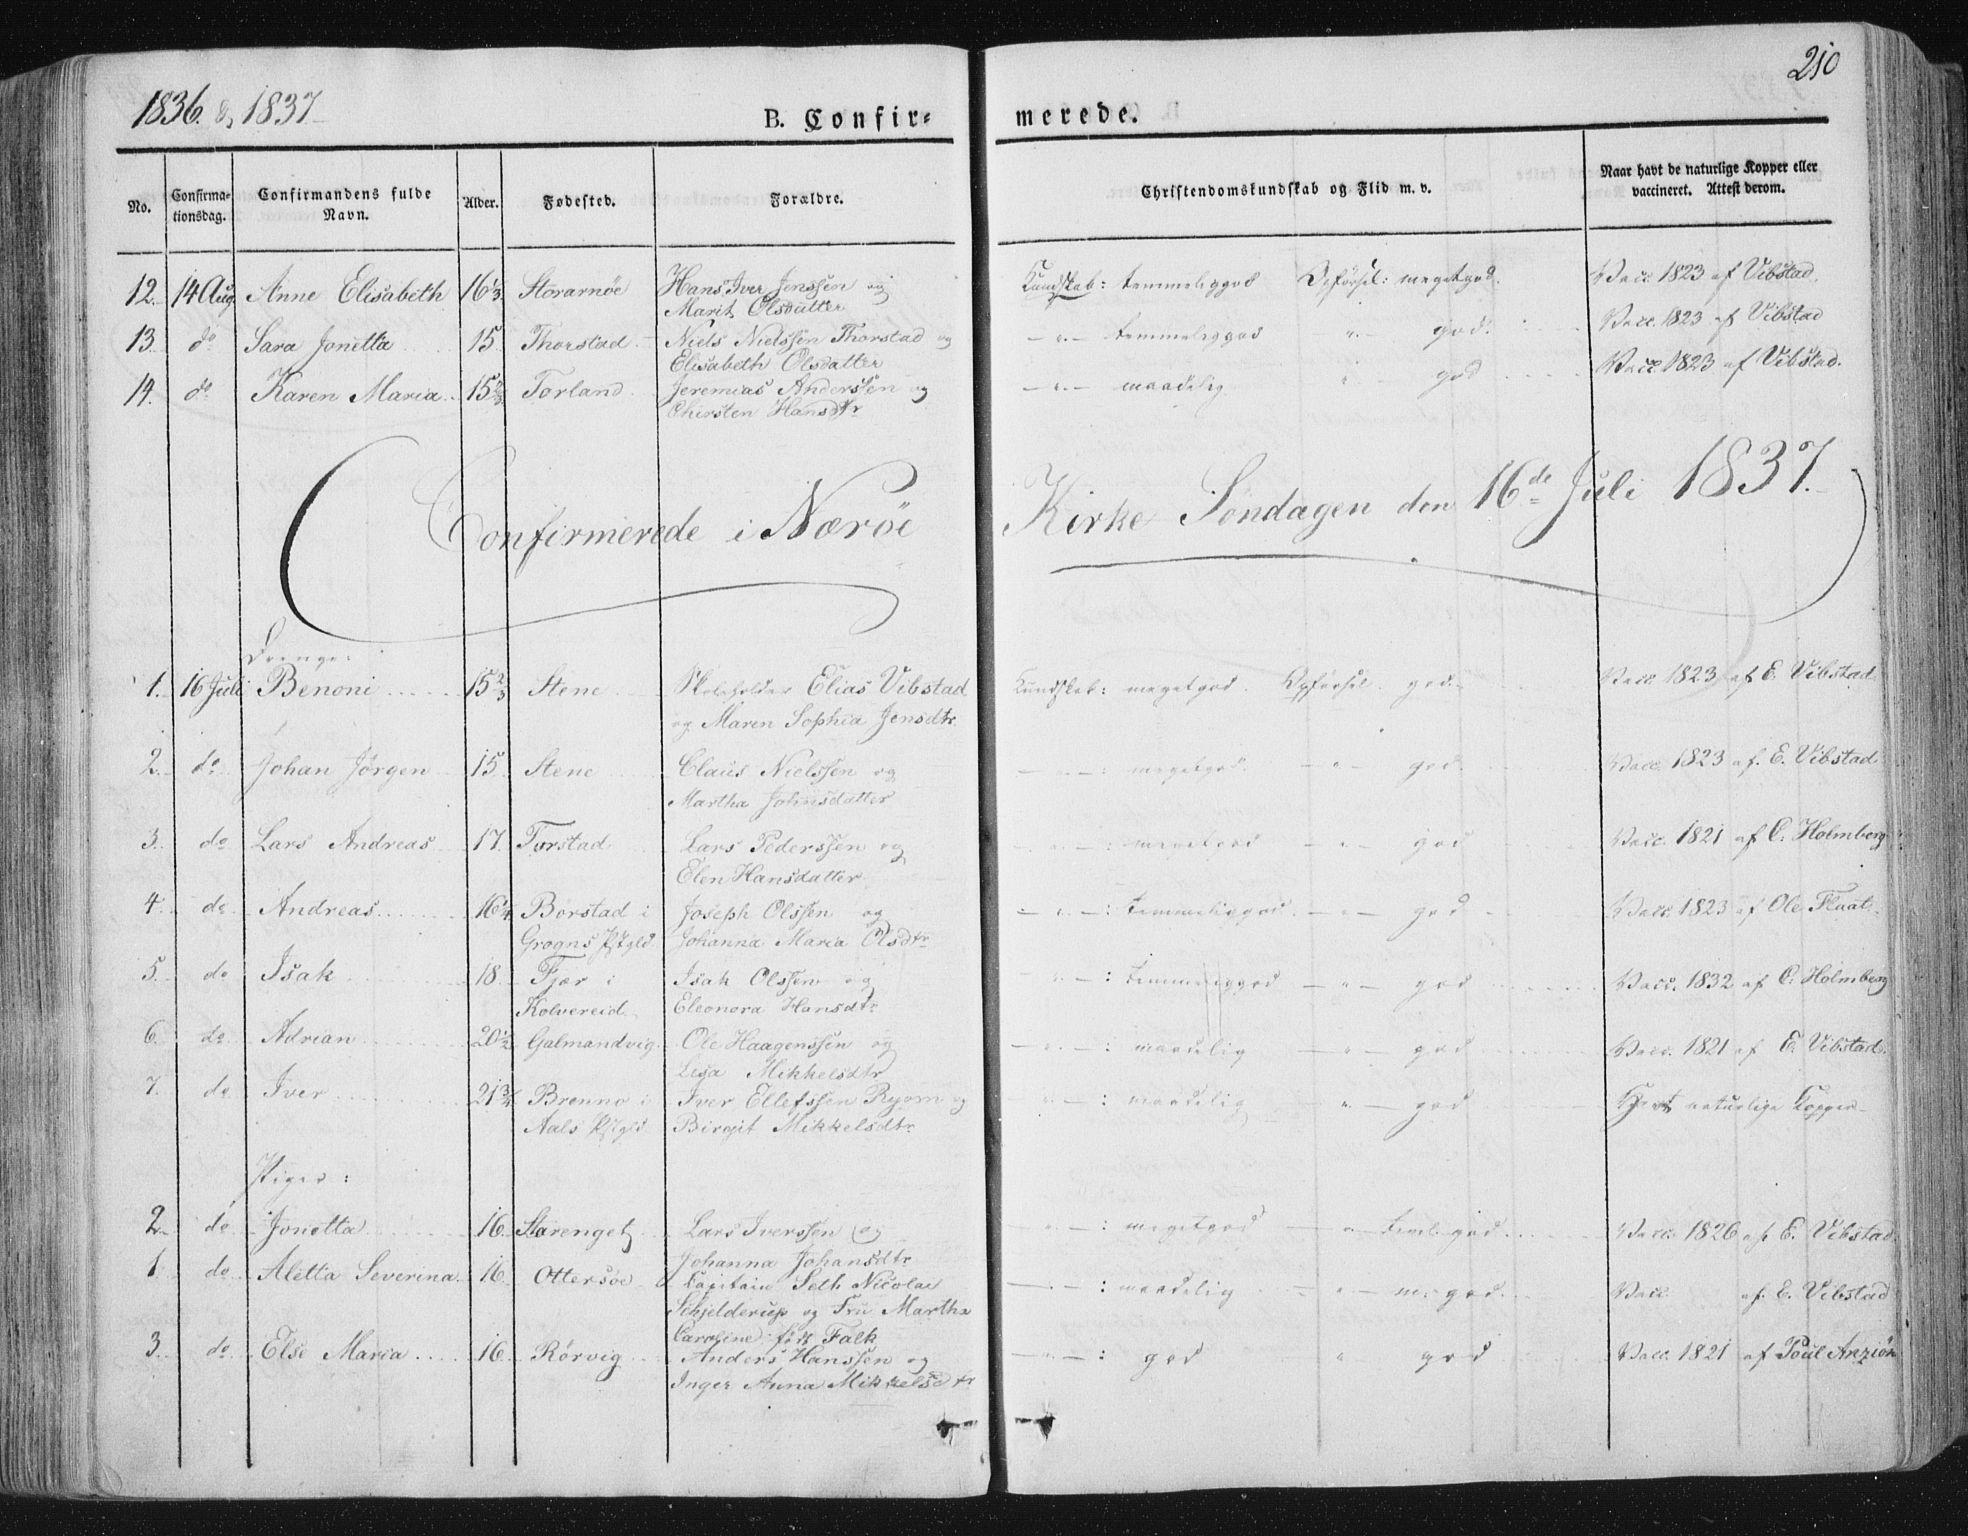 SAT, Ministerialprotokoller, klokkerbøker og fødselsregistre - Nord-Trøndelag, 784/L0669: Ministerialbok nr. 784A04, 1829-1859, s. 210